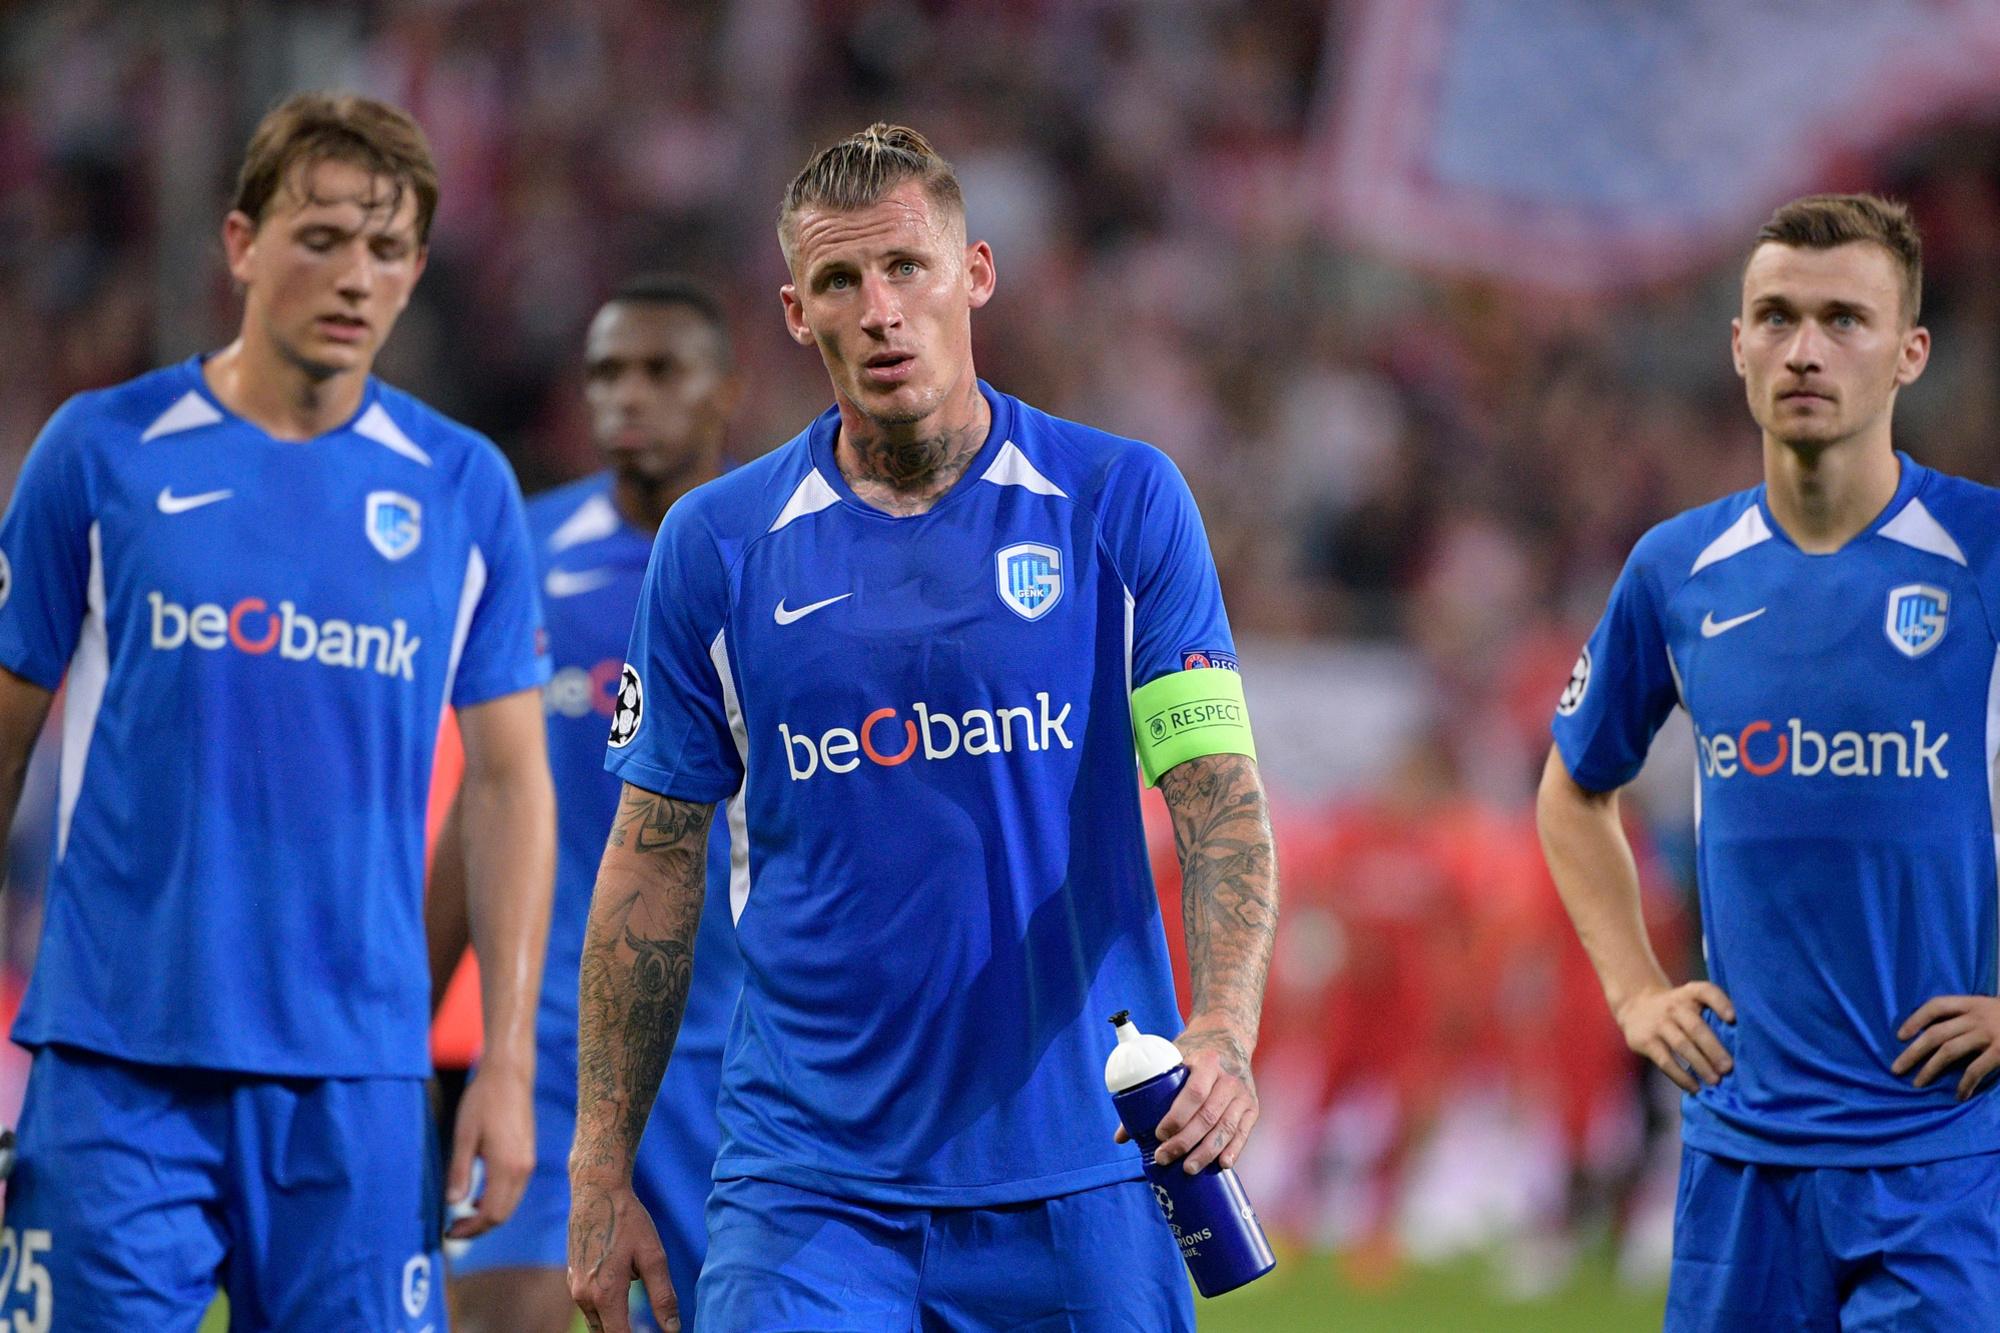 De spelers van KRC Genk kunnen het nauwelijks geloven., Belga Image